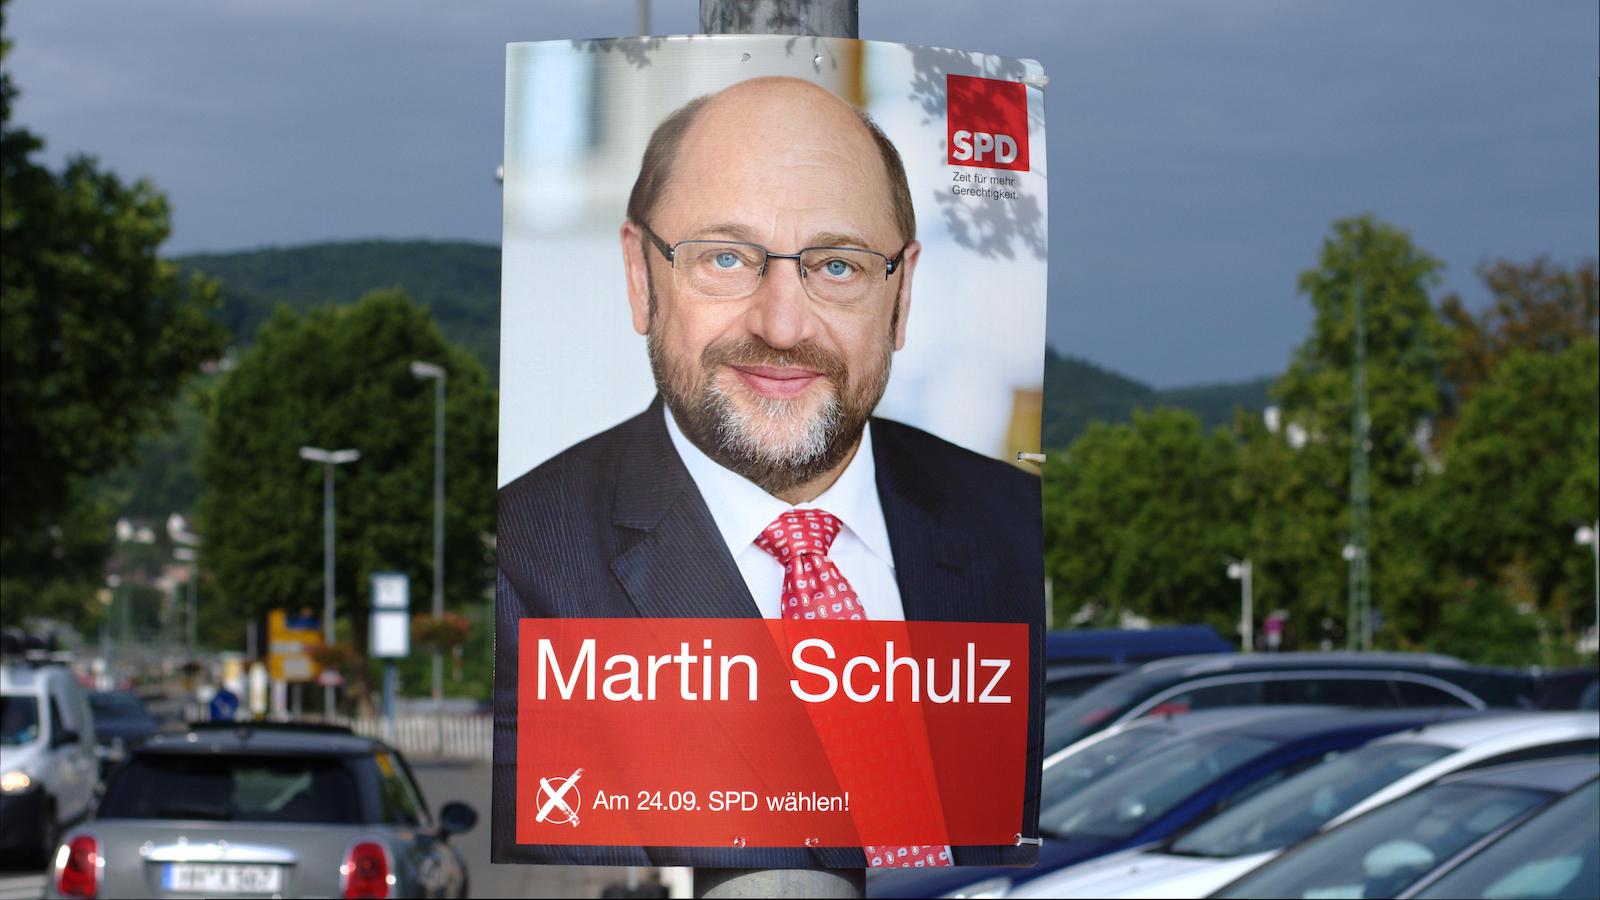 RÆSONs Nyhedsbrev om det tyske valg: Hvordan Merkel har demonteret Schulz